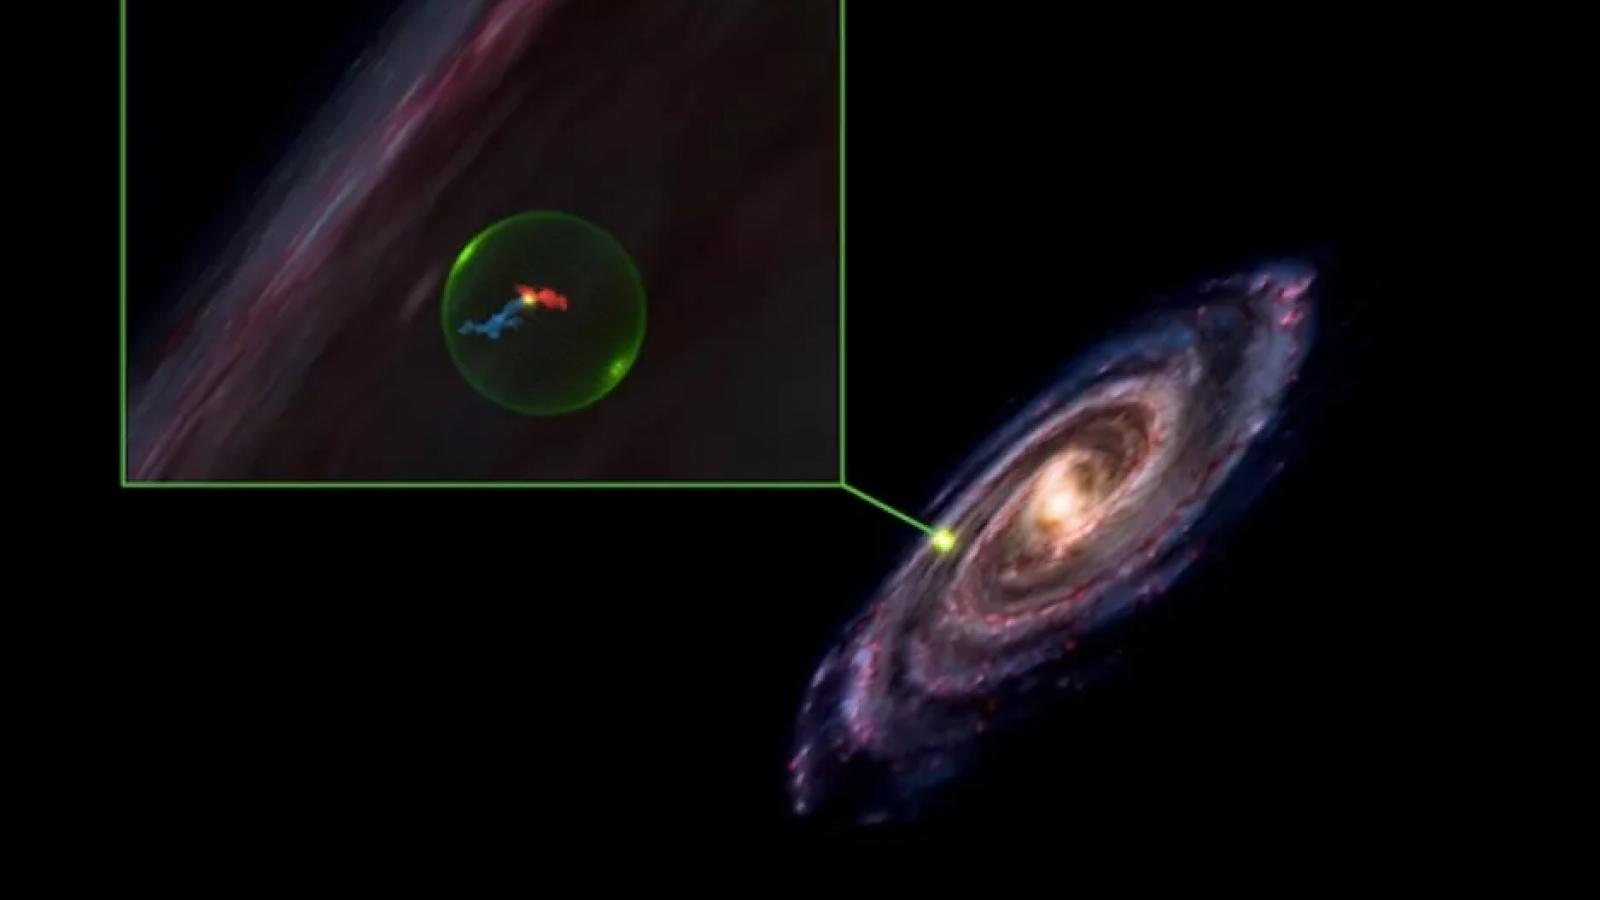 Phát hiện khoang khổng lồ bí ẩn rộng 500 năm ánh sáng trong Dải Ngân hà